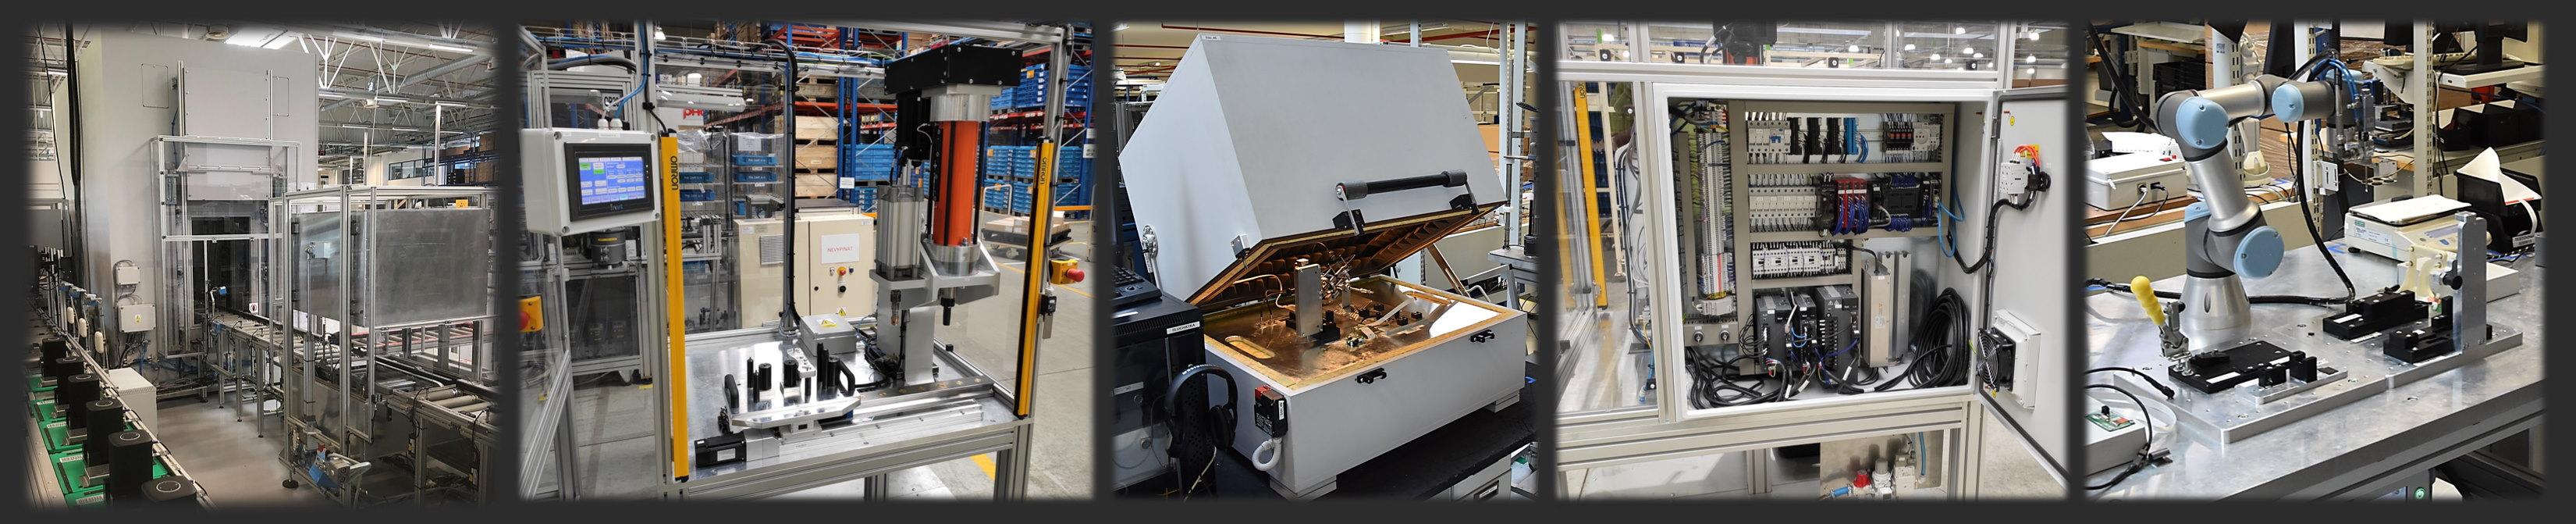 Pelus, automatizace, automotive, RF box, Akustický box, výroba